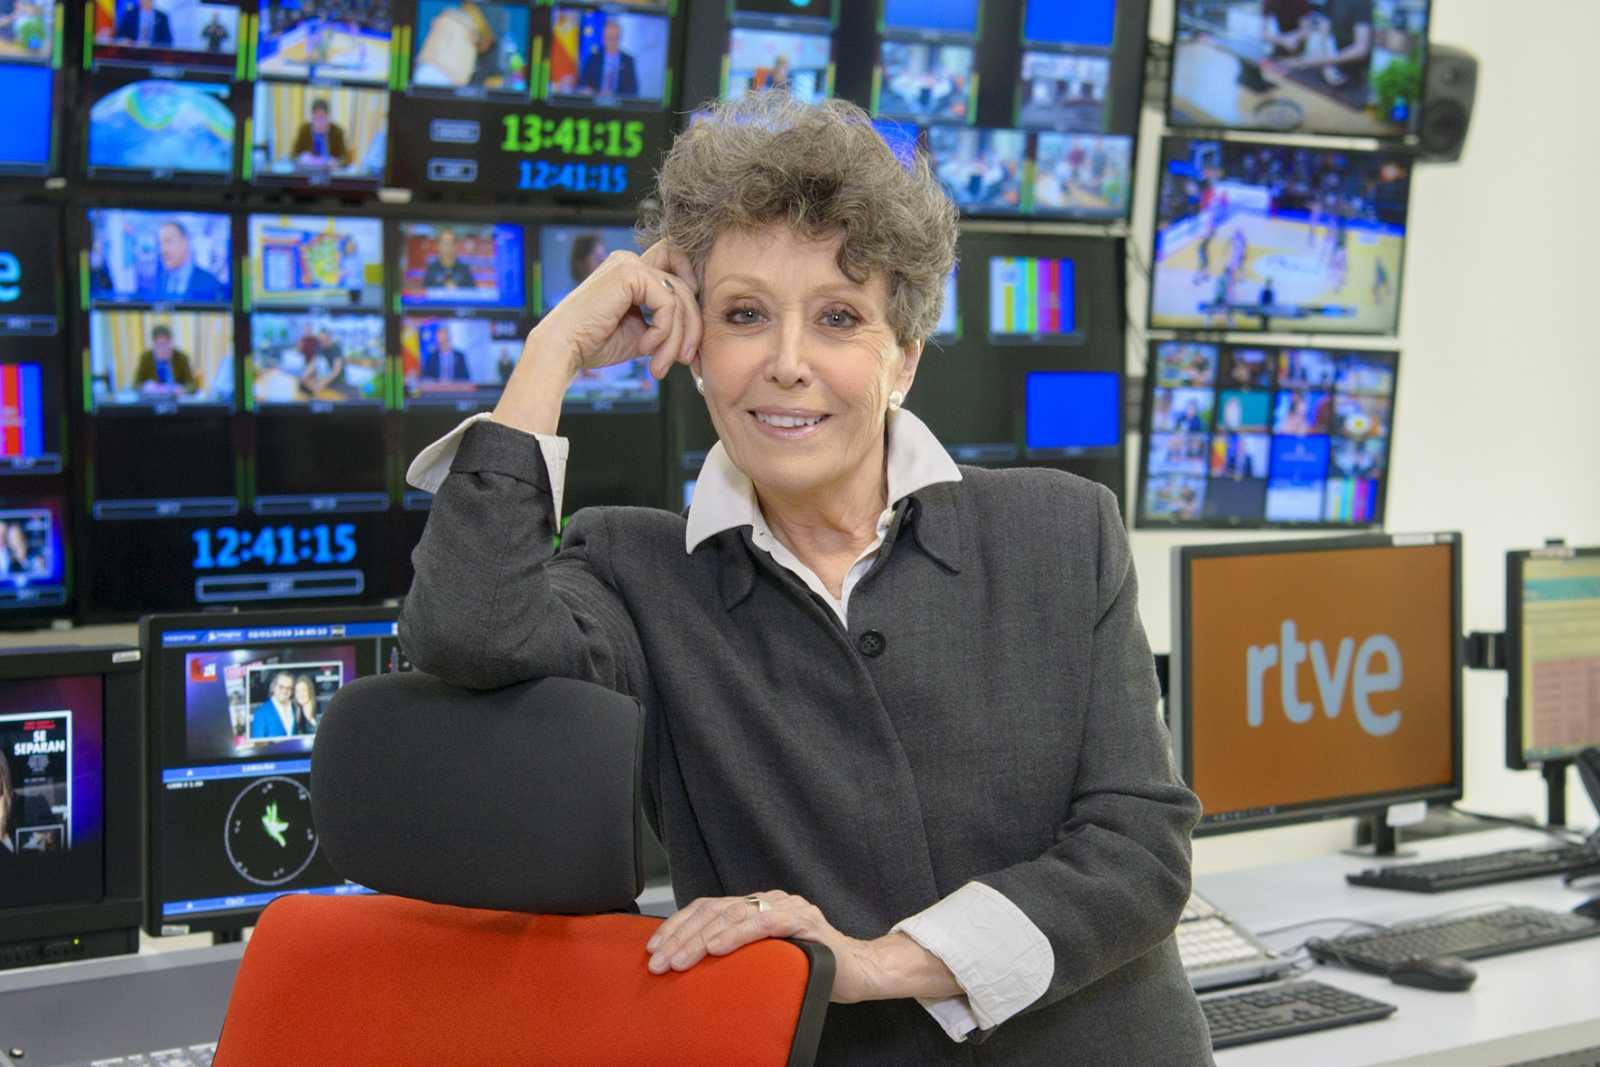 La administradora provisional única de RTVE desde julio de 2018, Rosa María Mateo | RTVE/Archivo